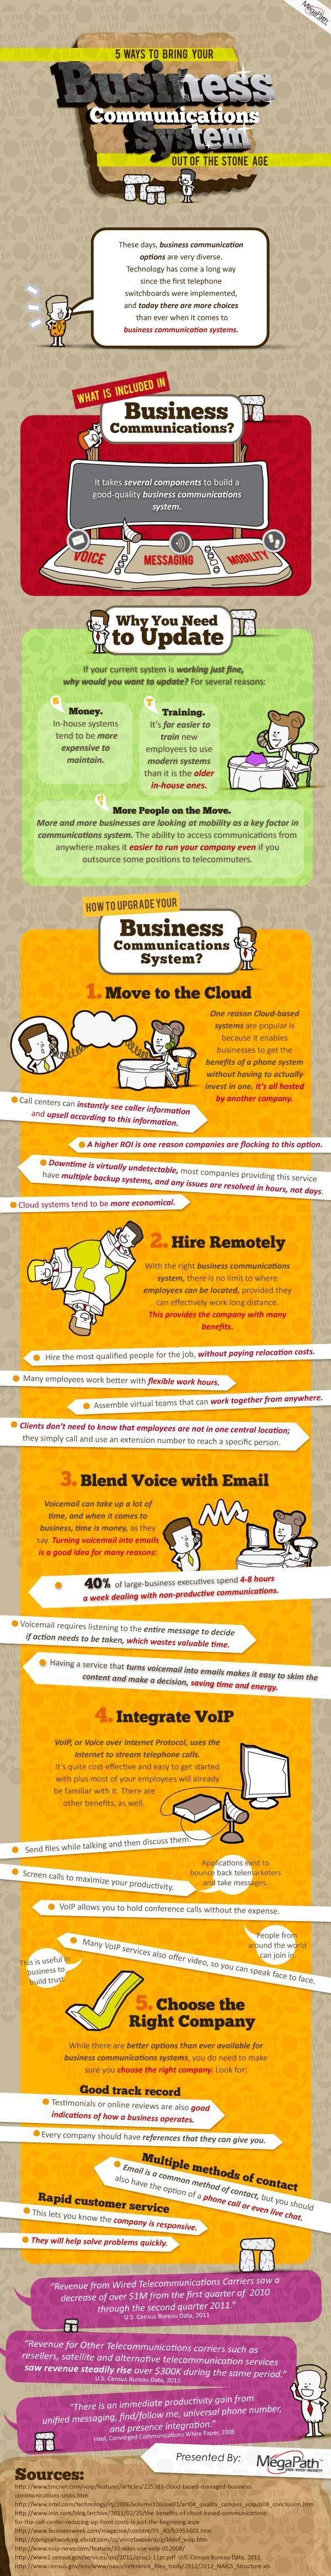 5 maneras de sacar tus sistemas de comunicacion de empresa de la edad de piedra